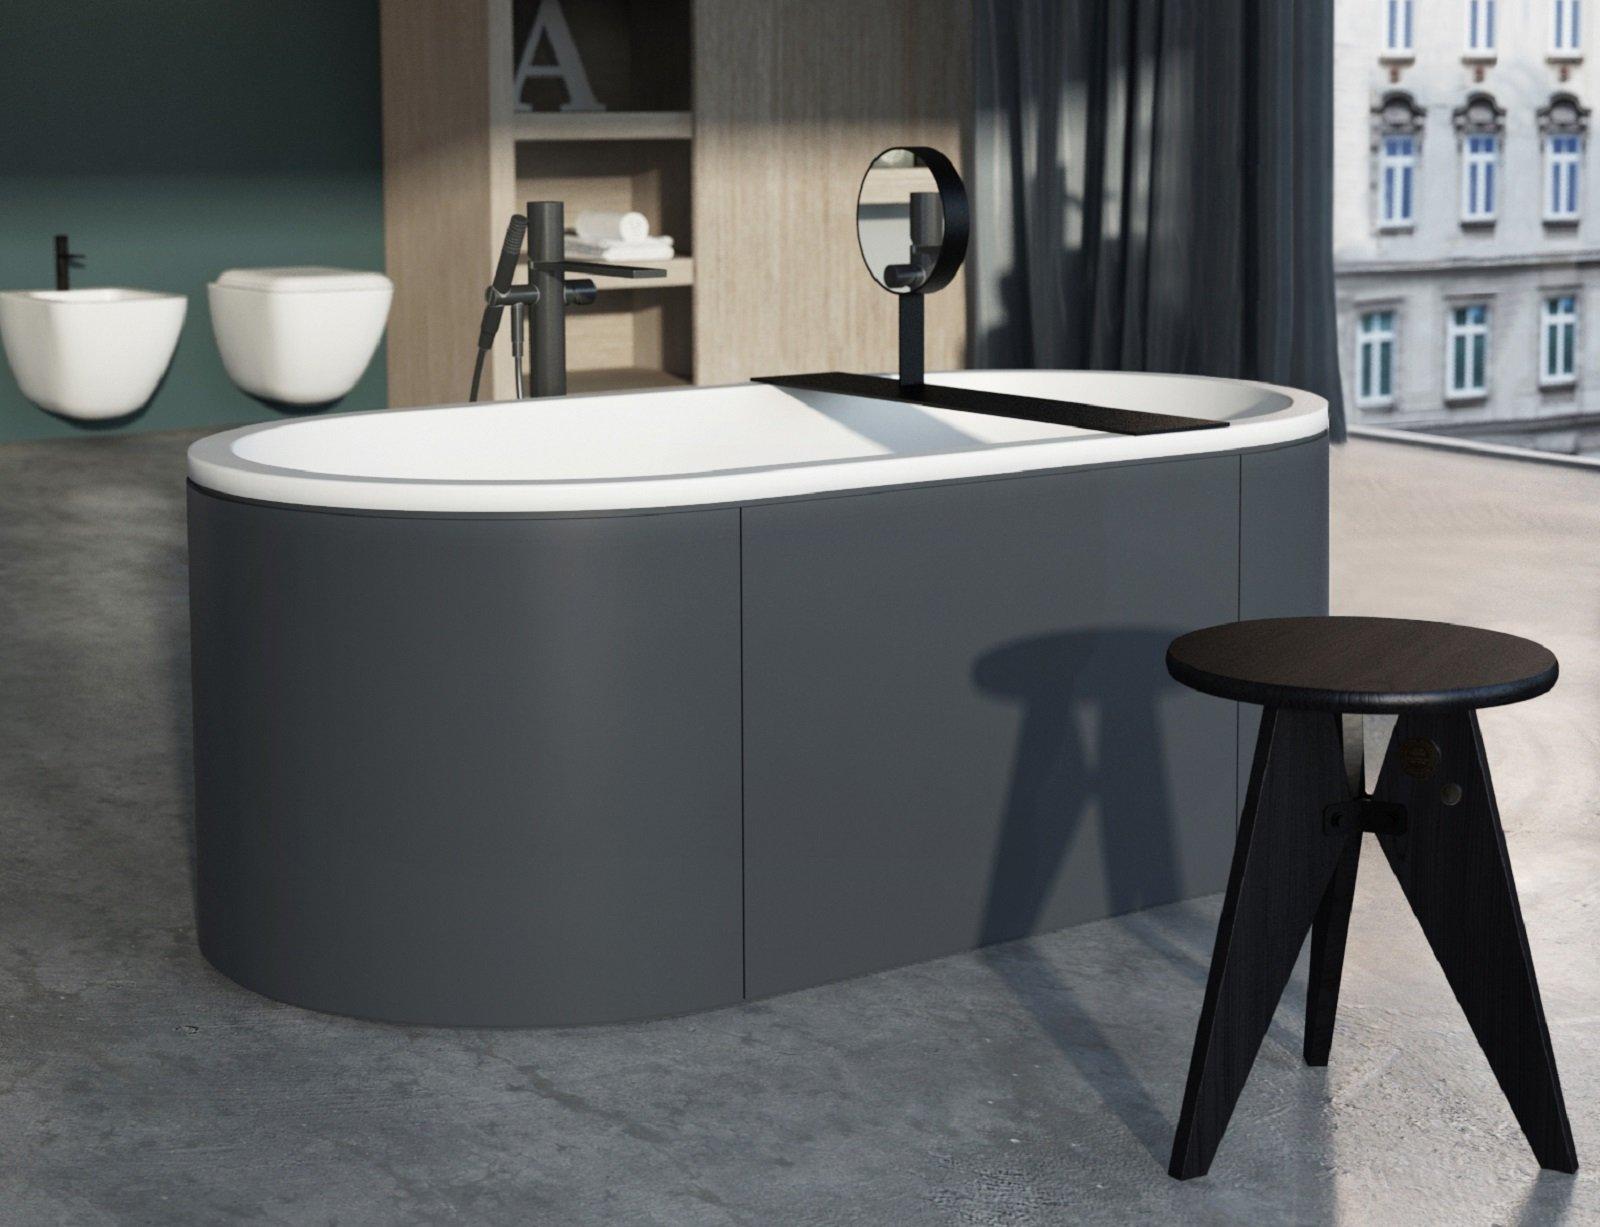 Vasca da bagno esterna i migliori modelli di vasche da for Vasca da bagno esterna